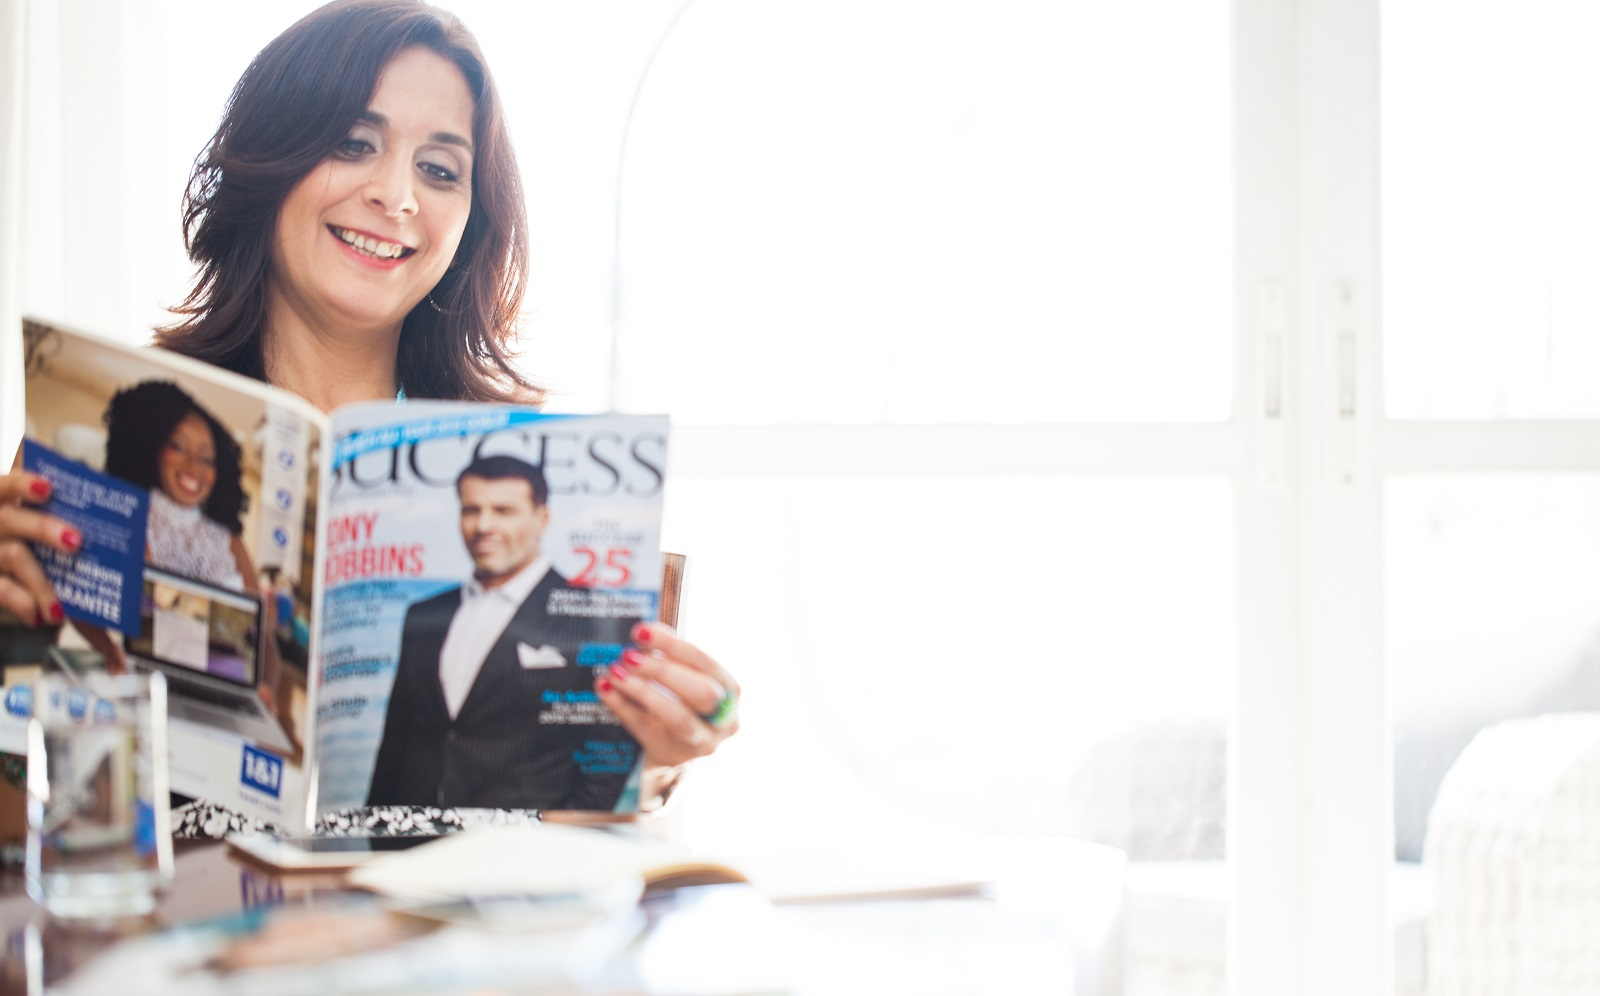 איילת מחזיקה מגזין של סאקסס וקוראת